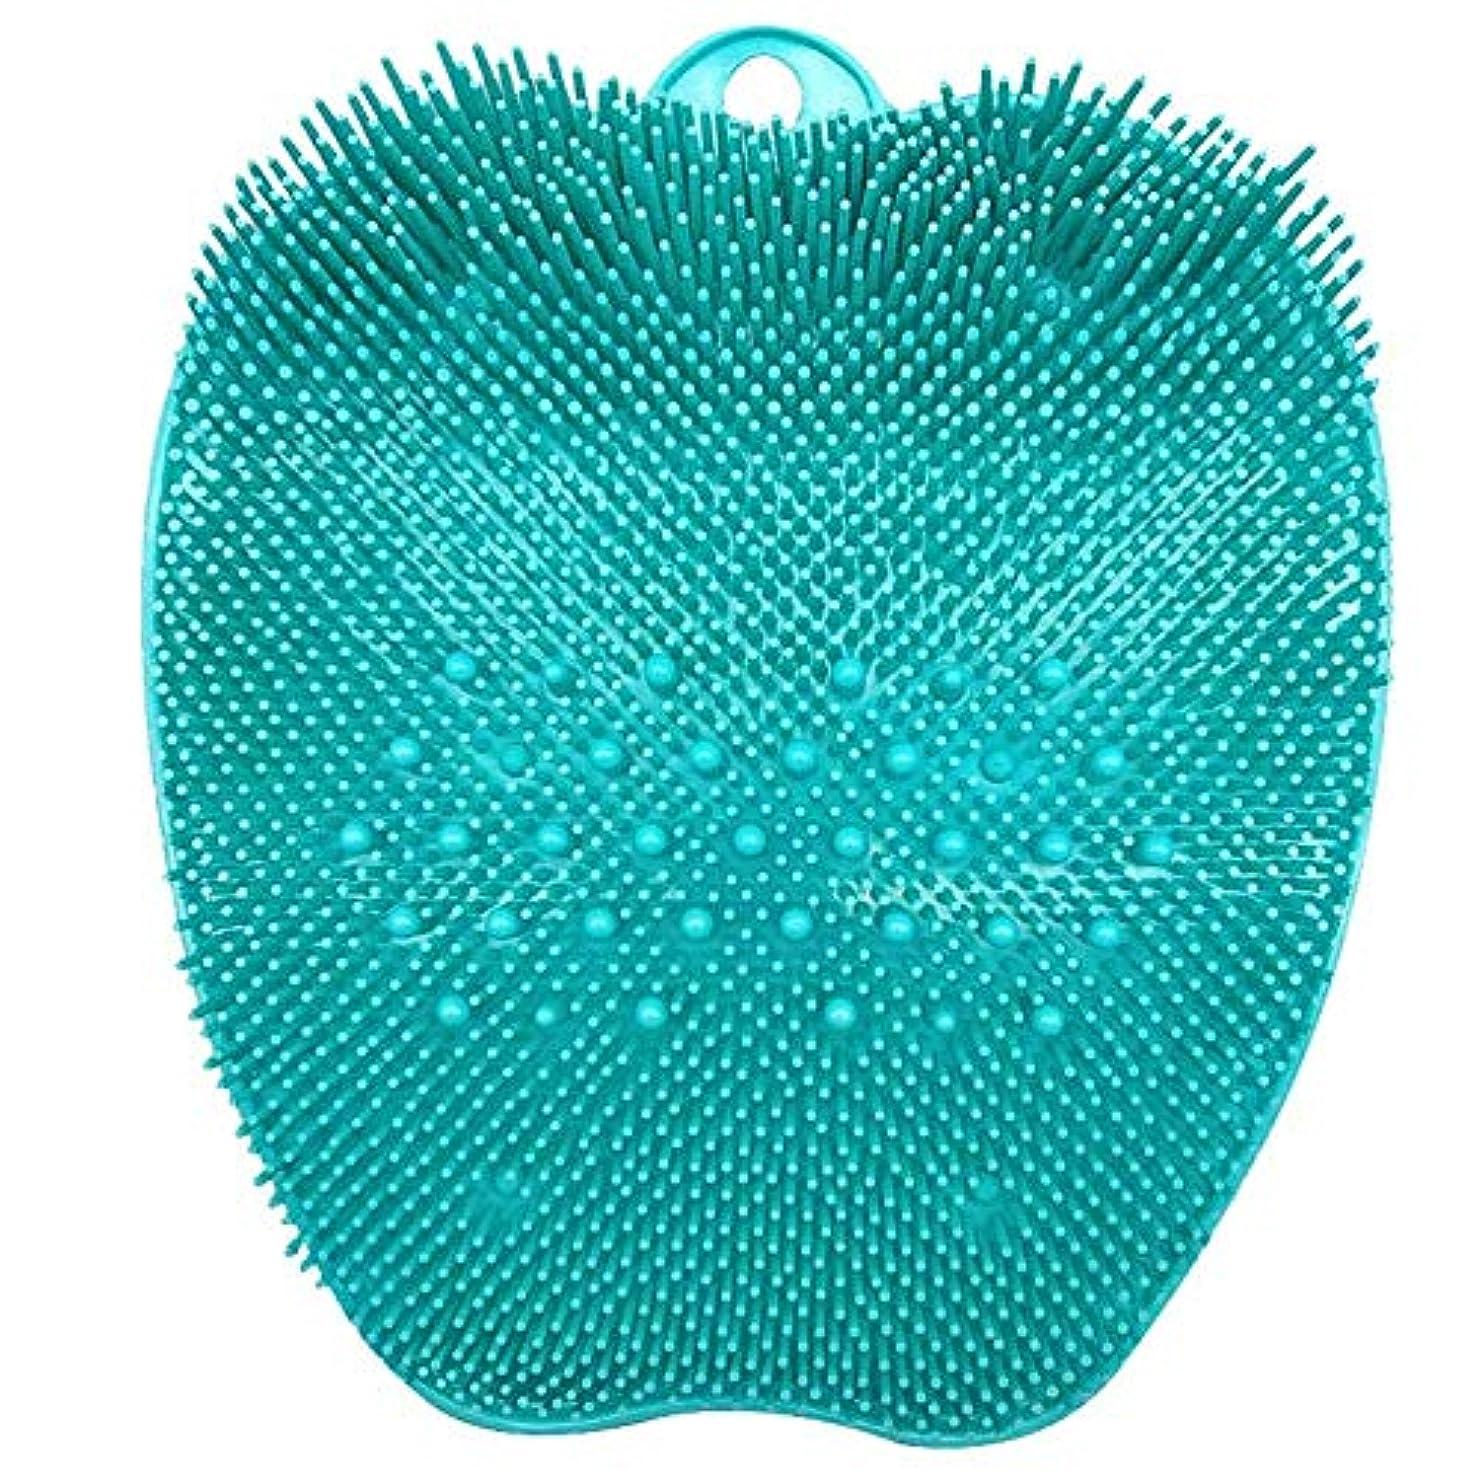 CatChi フットブラシ 足洗いマット 汚れ除去 足裏マッサージ 角質ケアブラシ ストレス解消 お風呂用